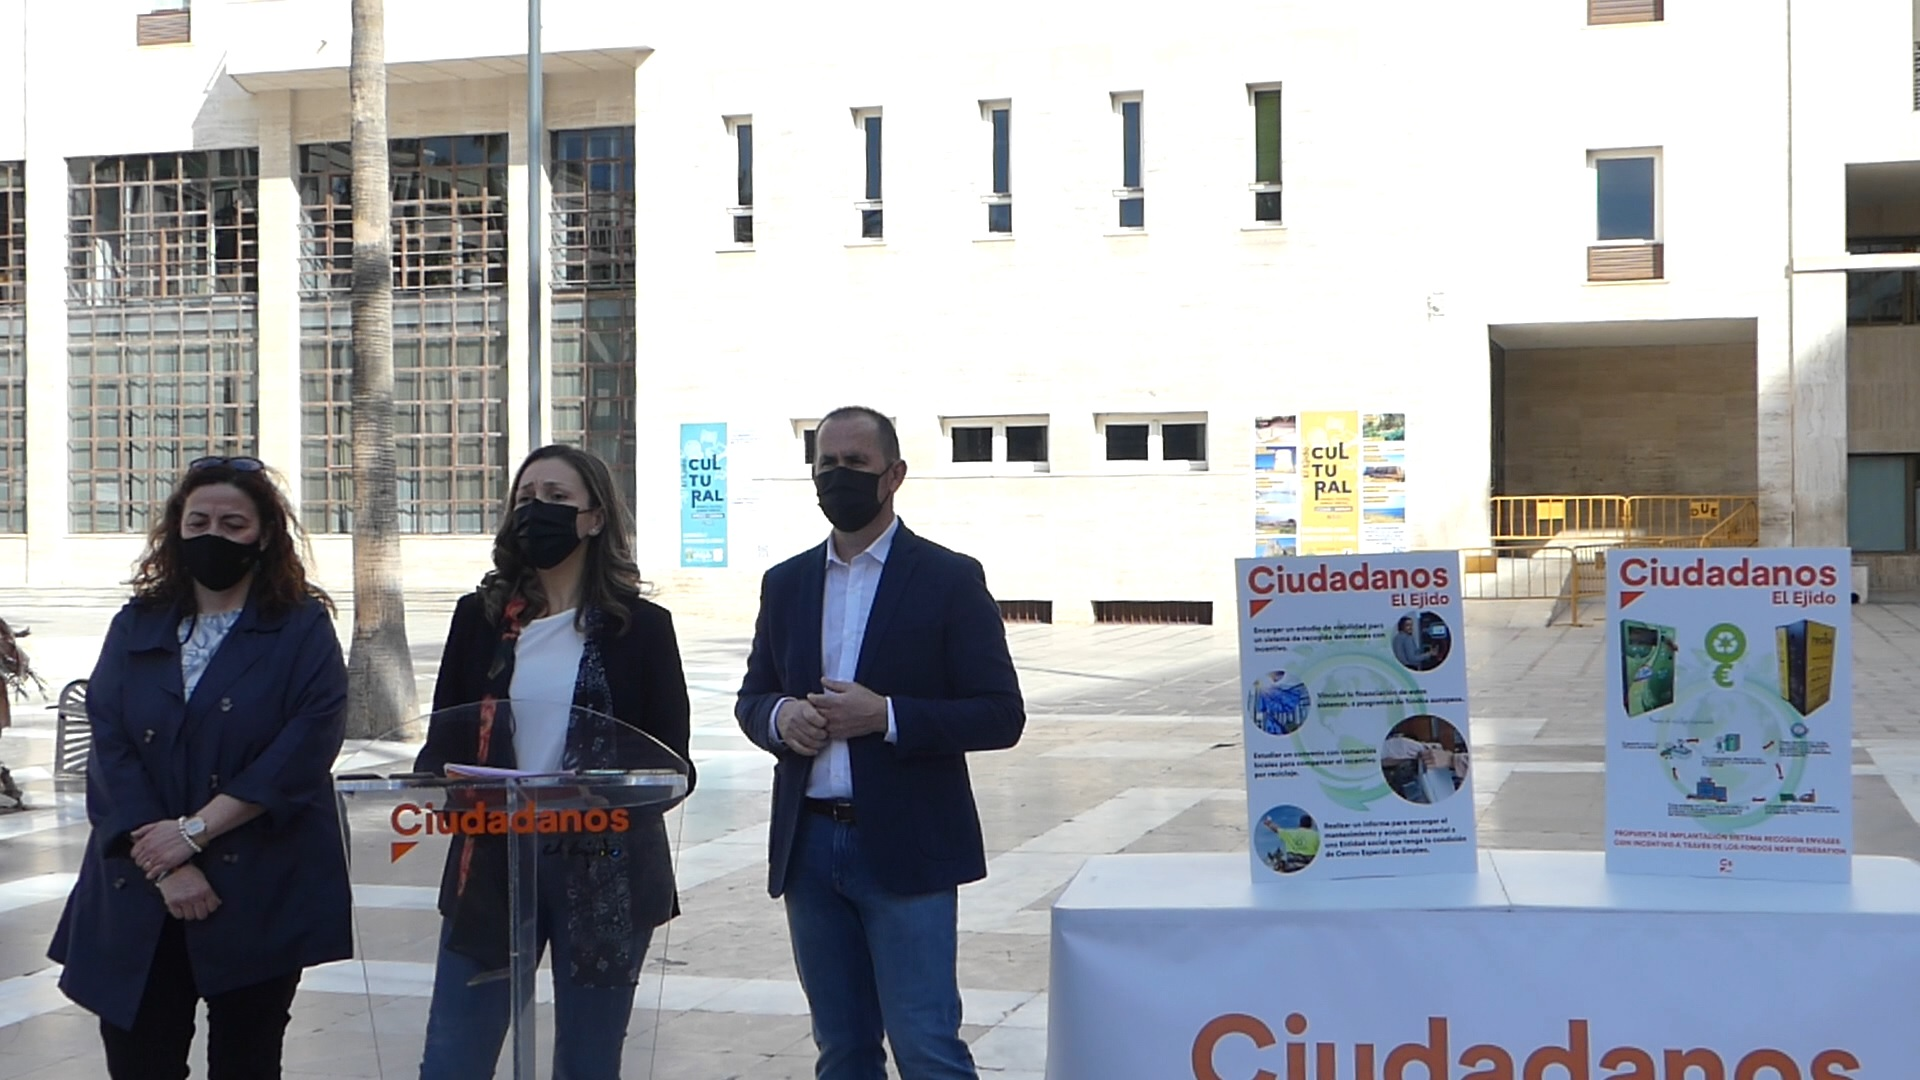 Propuesta Ciudadanos El Ejido vending inverso